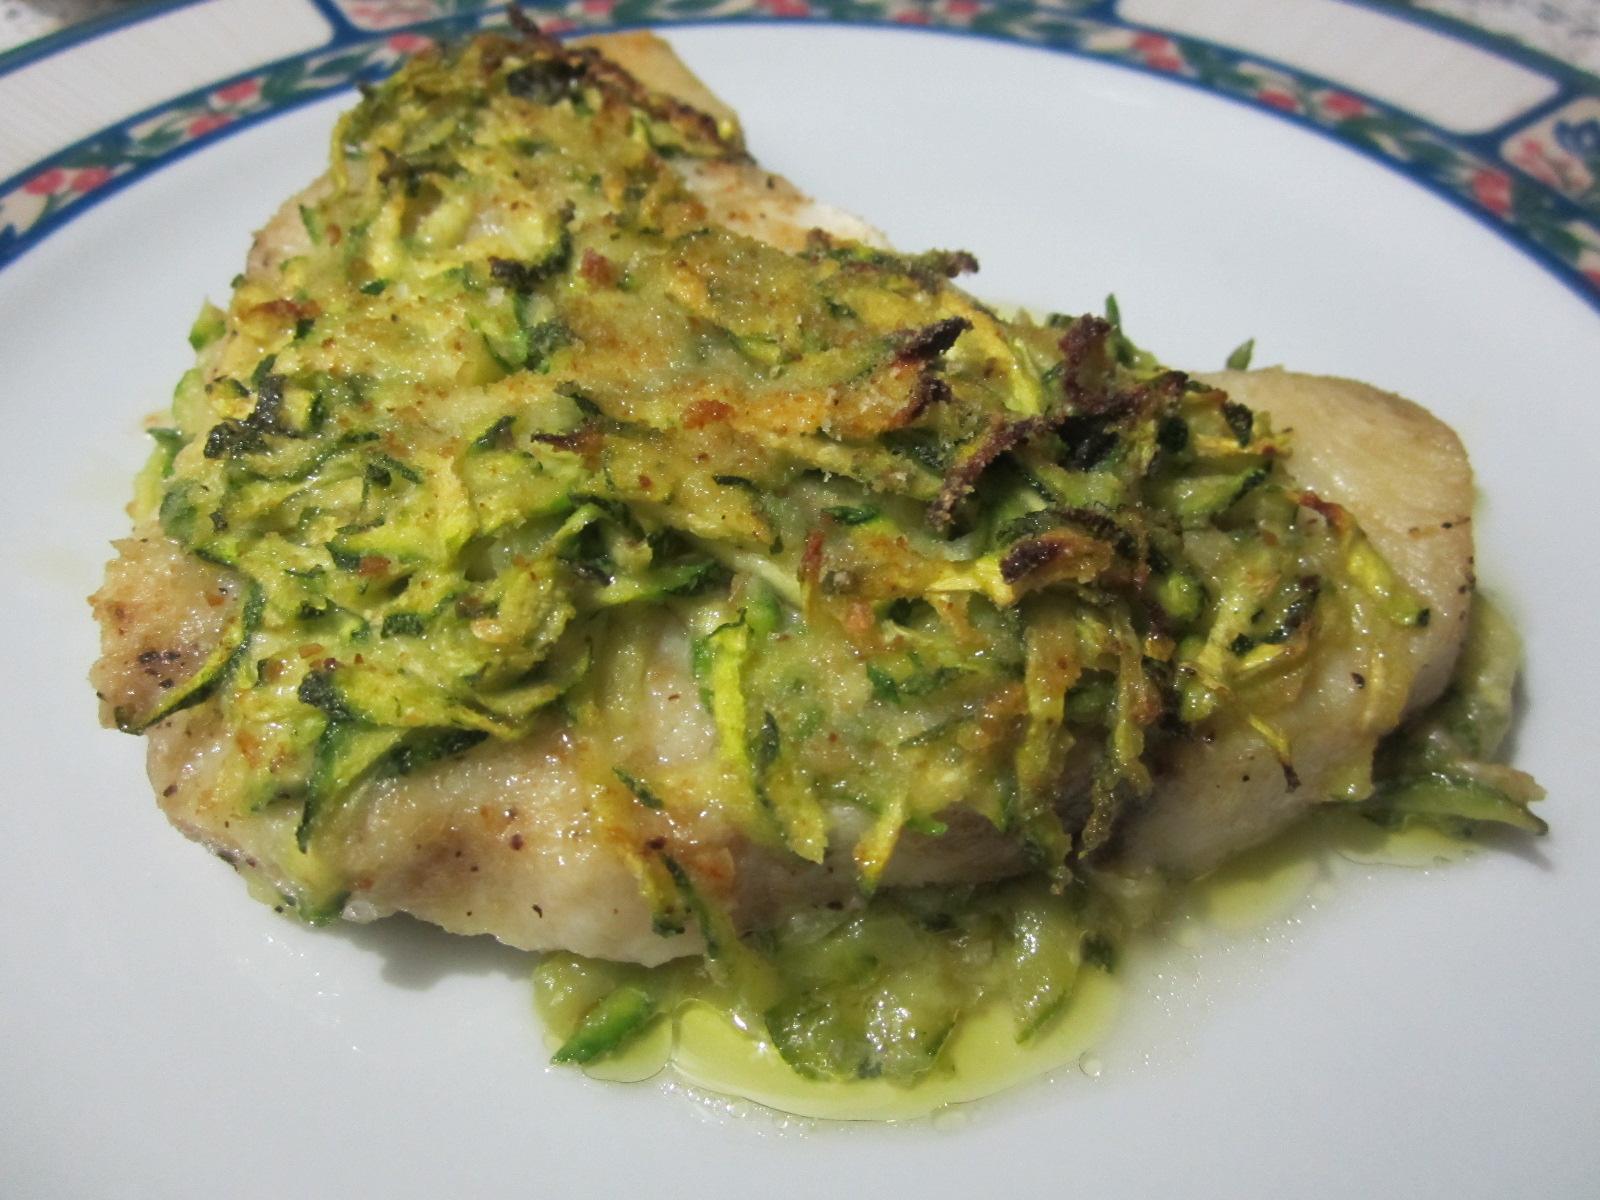 Tranci di pesce con trito di zucchine le meraviglie di cicettale meraviglie di cicetta - Filetto di orata al forno su letto di patate ...